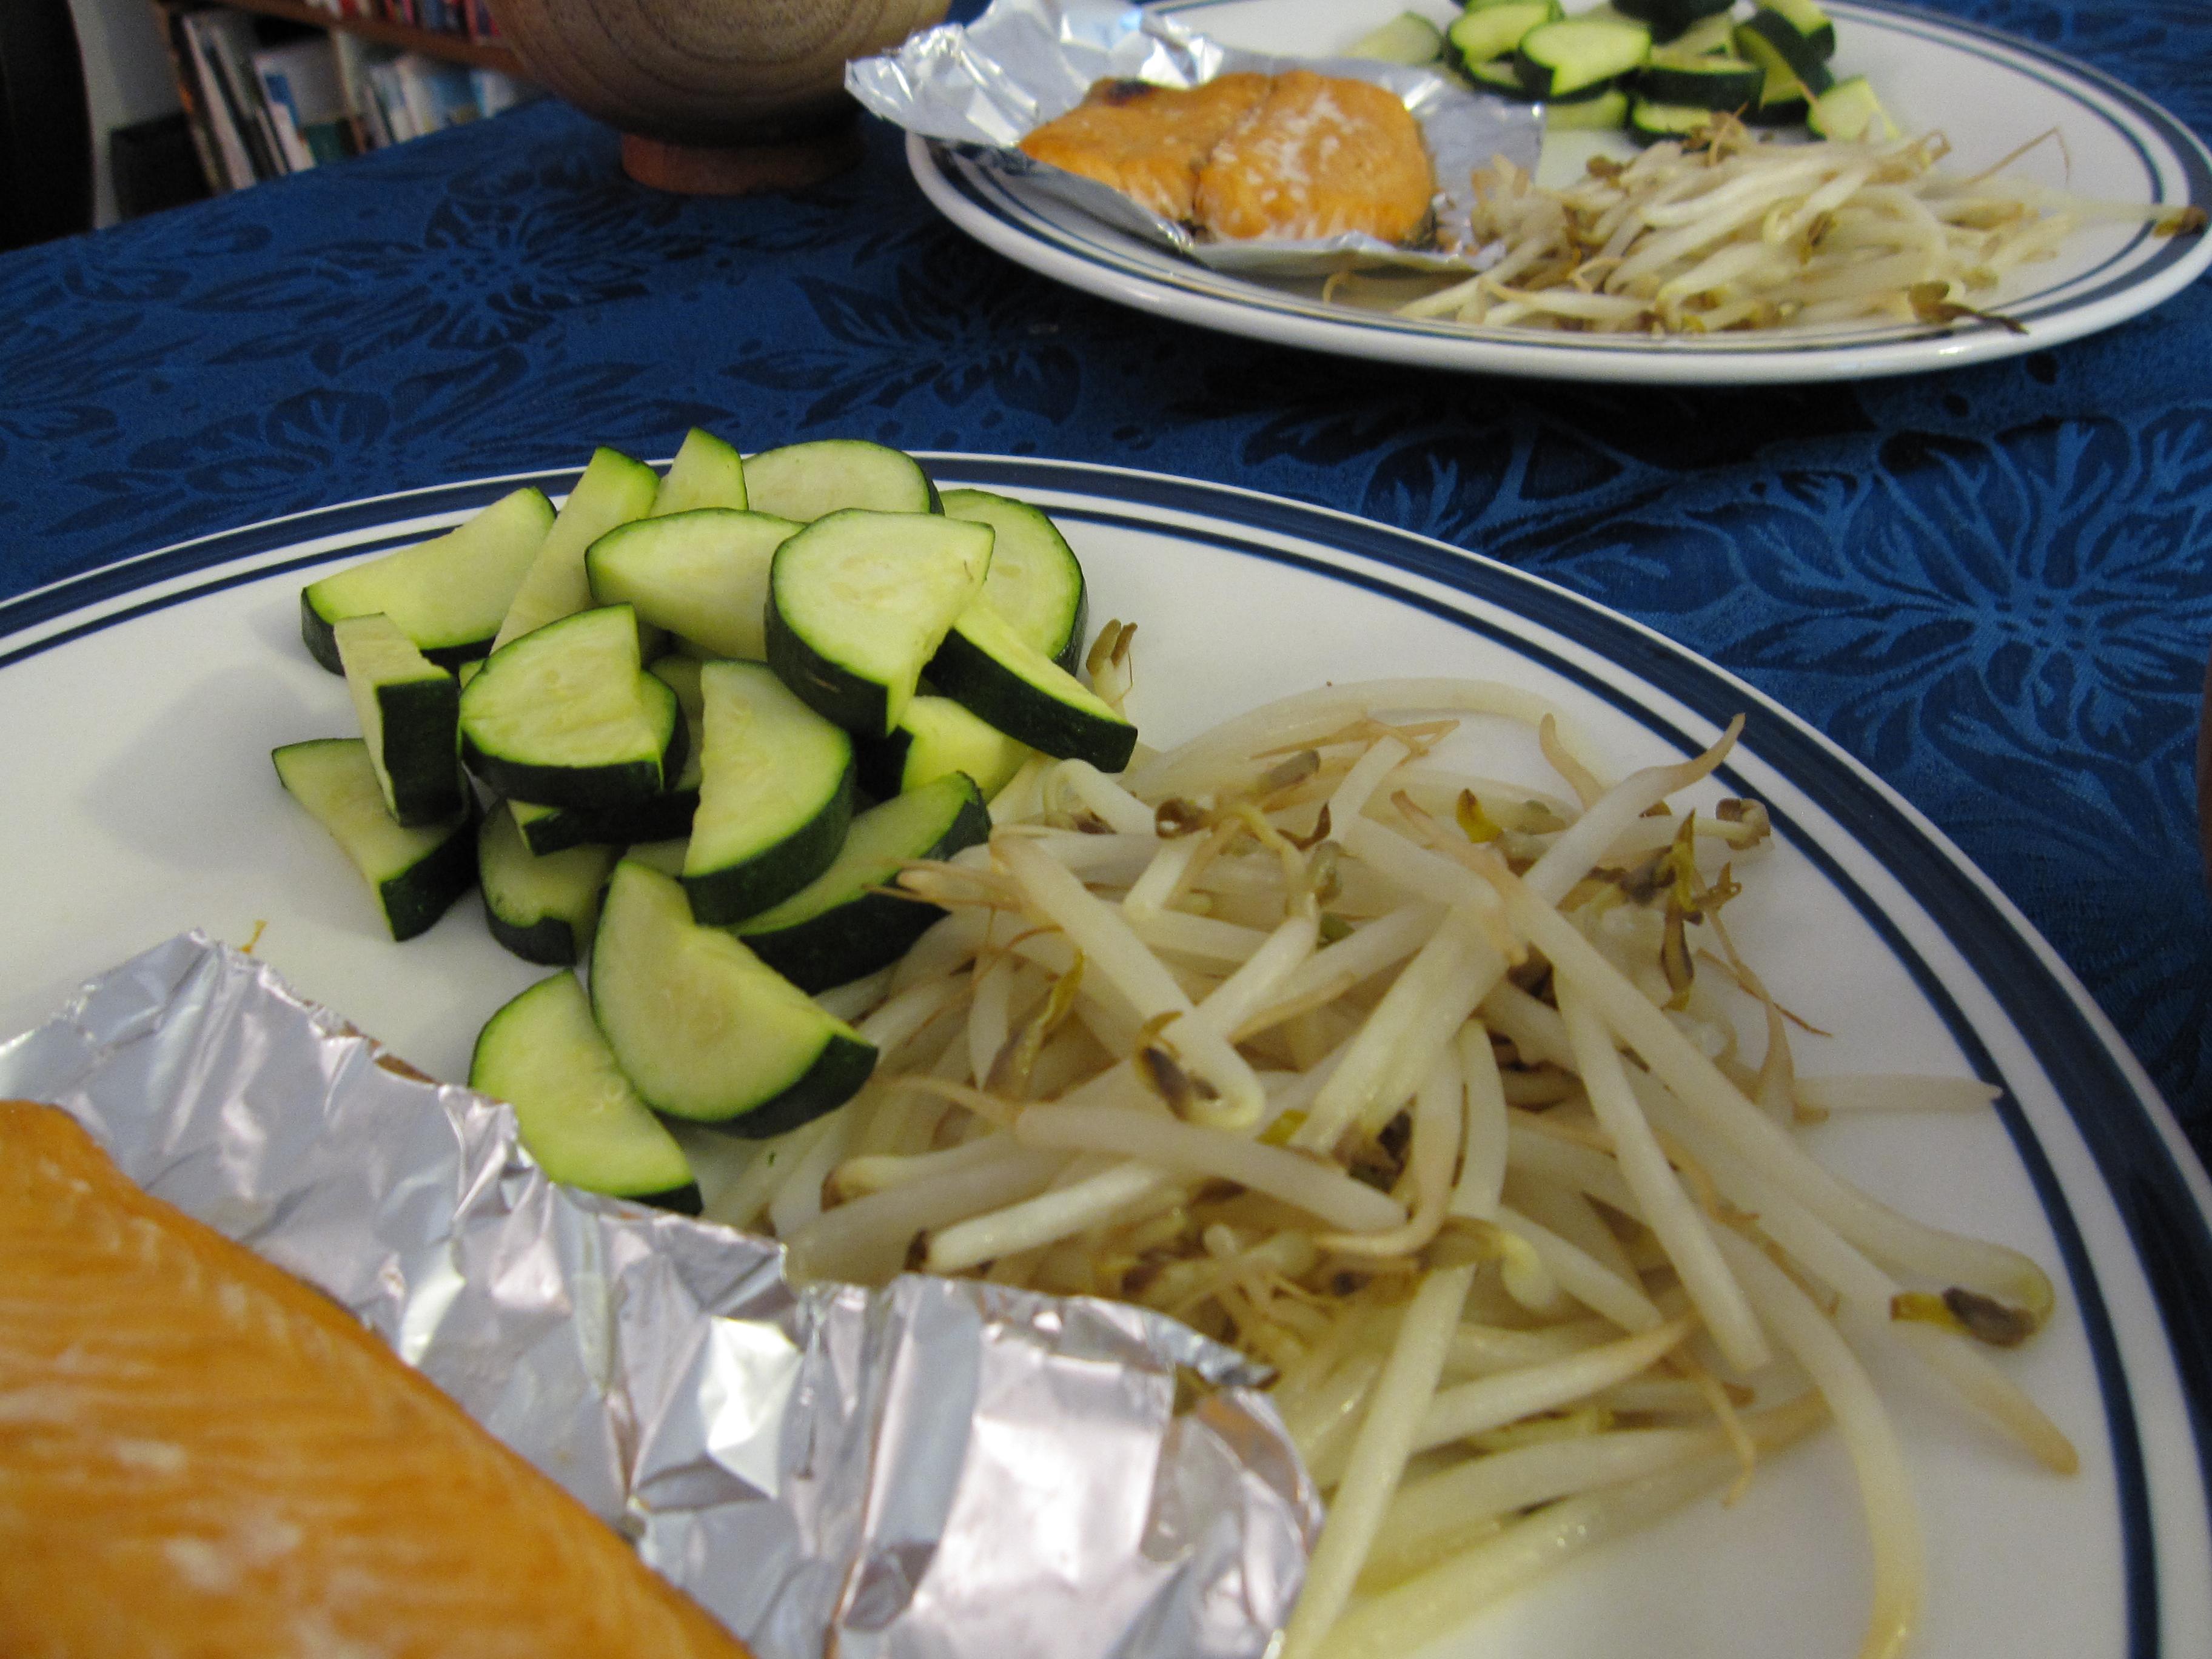 Bean sprouts & zucchini